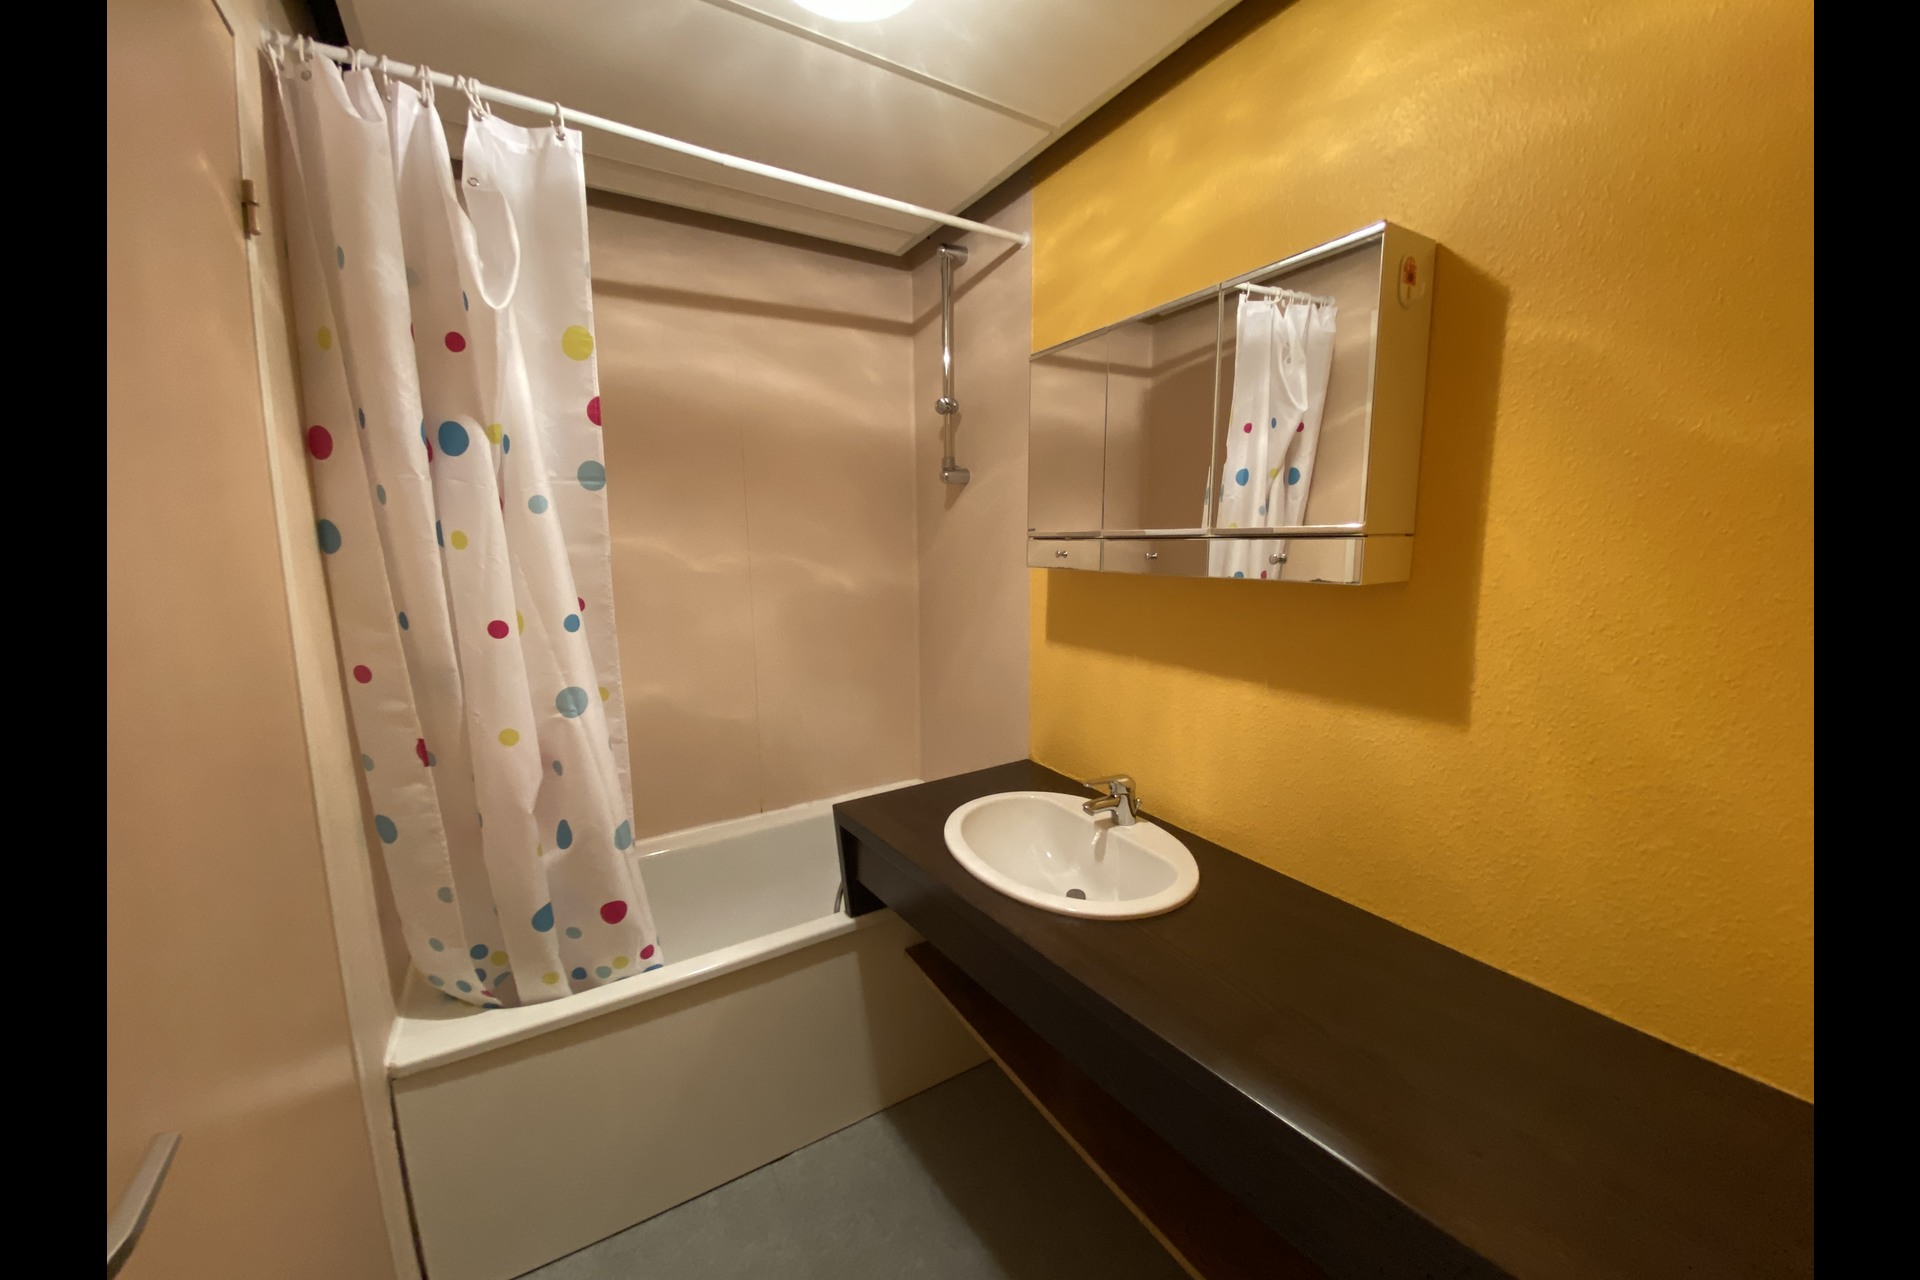 image 3 - Appartement À louer VANDOEUVRE LES NANCY VANDOEUVRE  BRABOIS  - 1 pièce